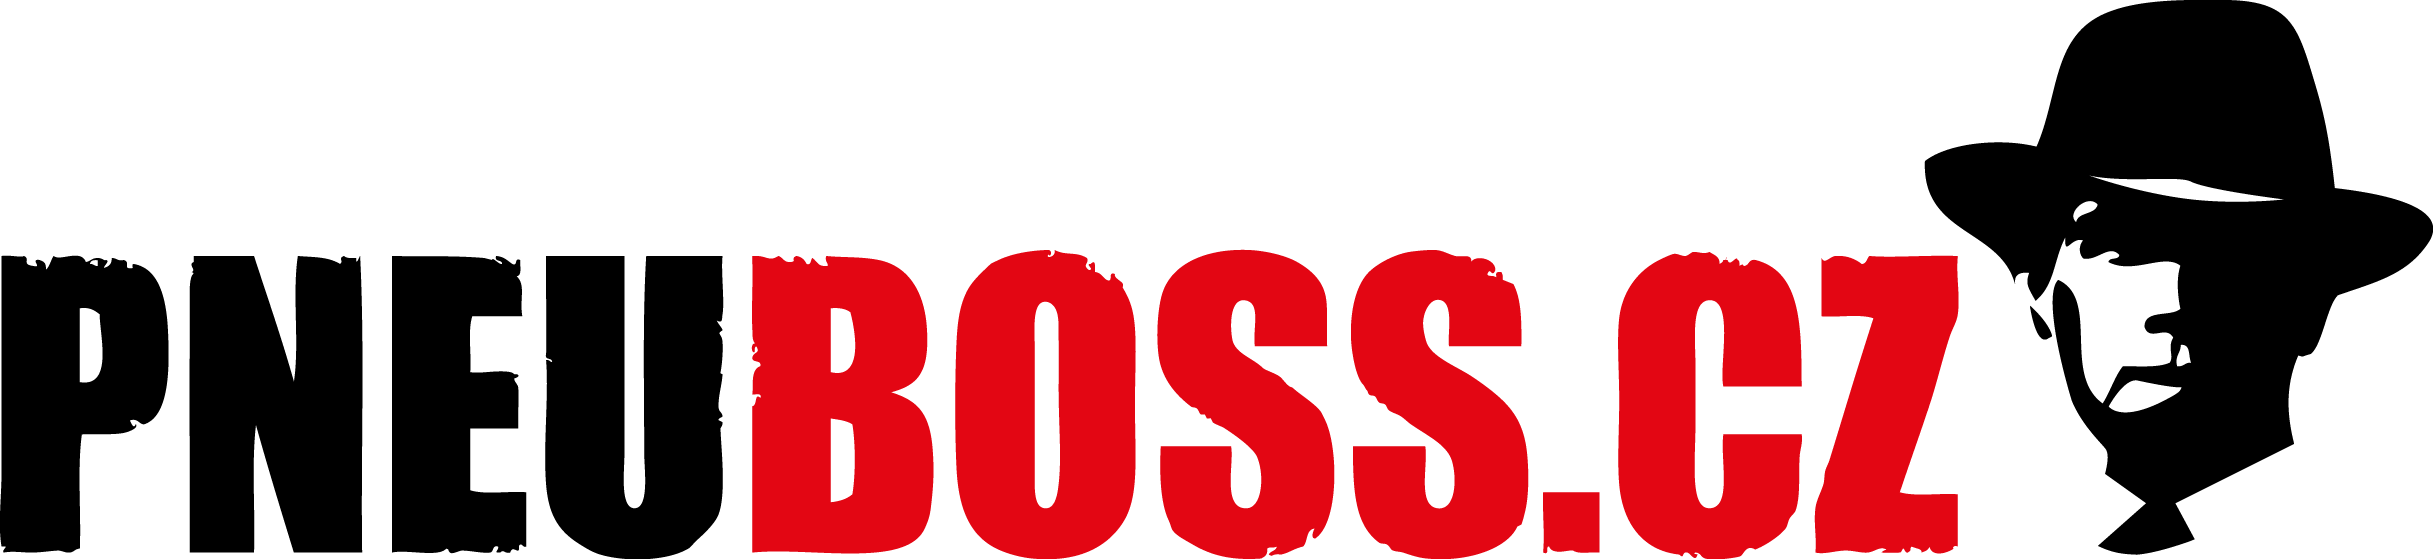 Pneuboss